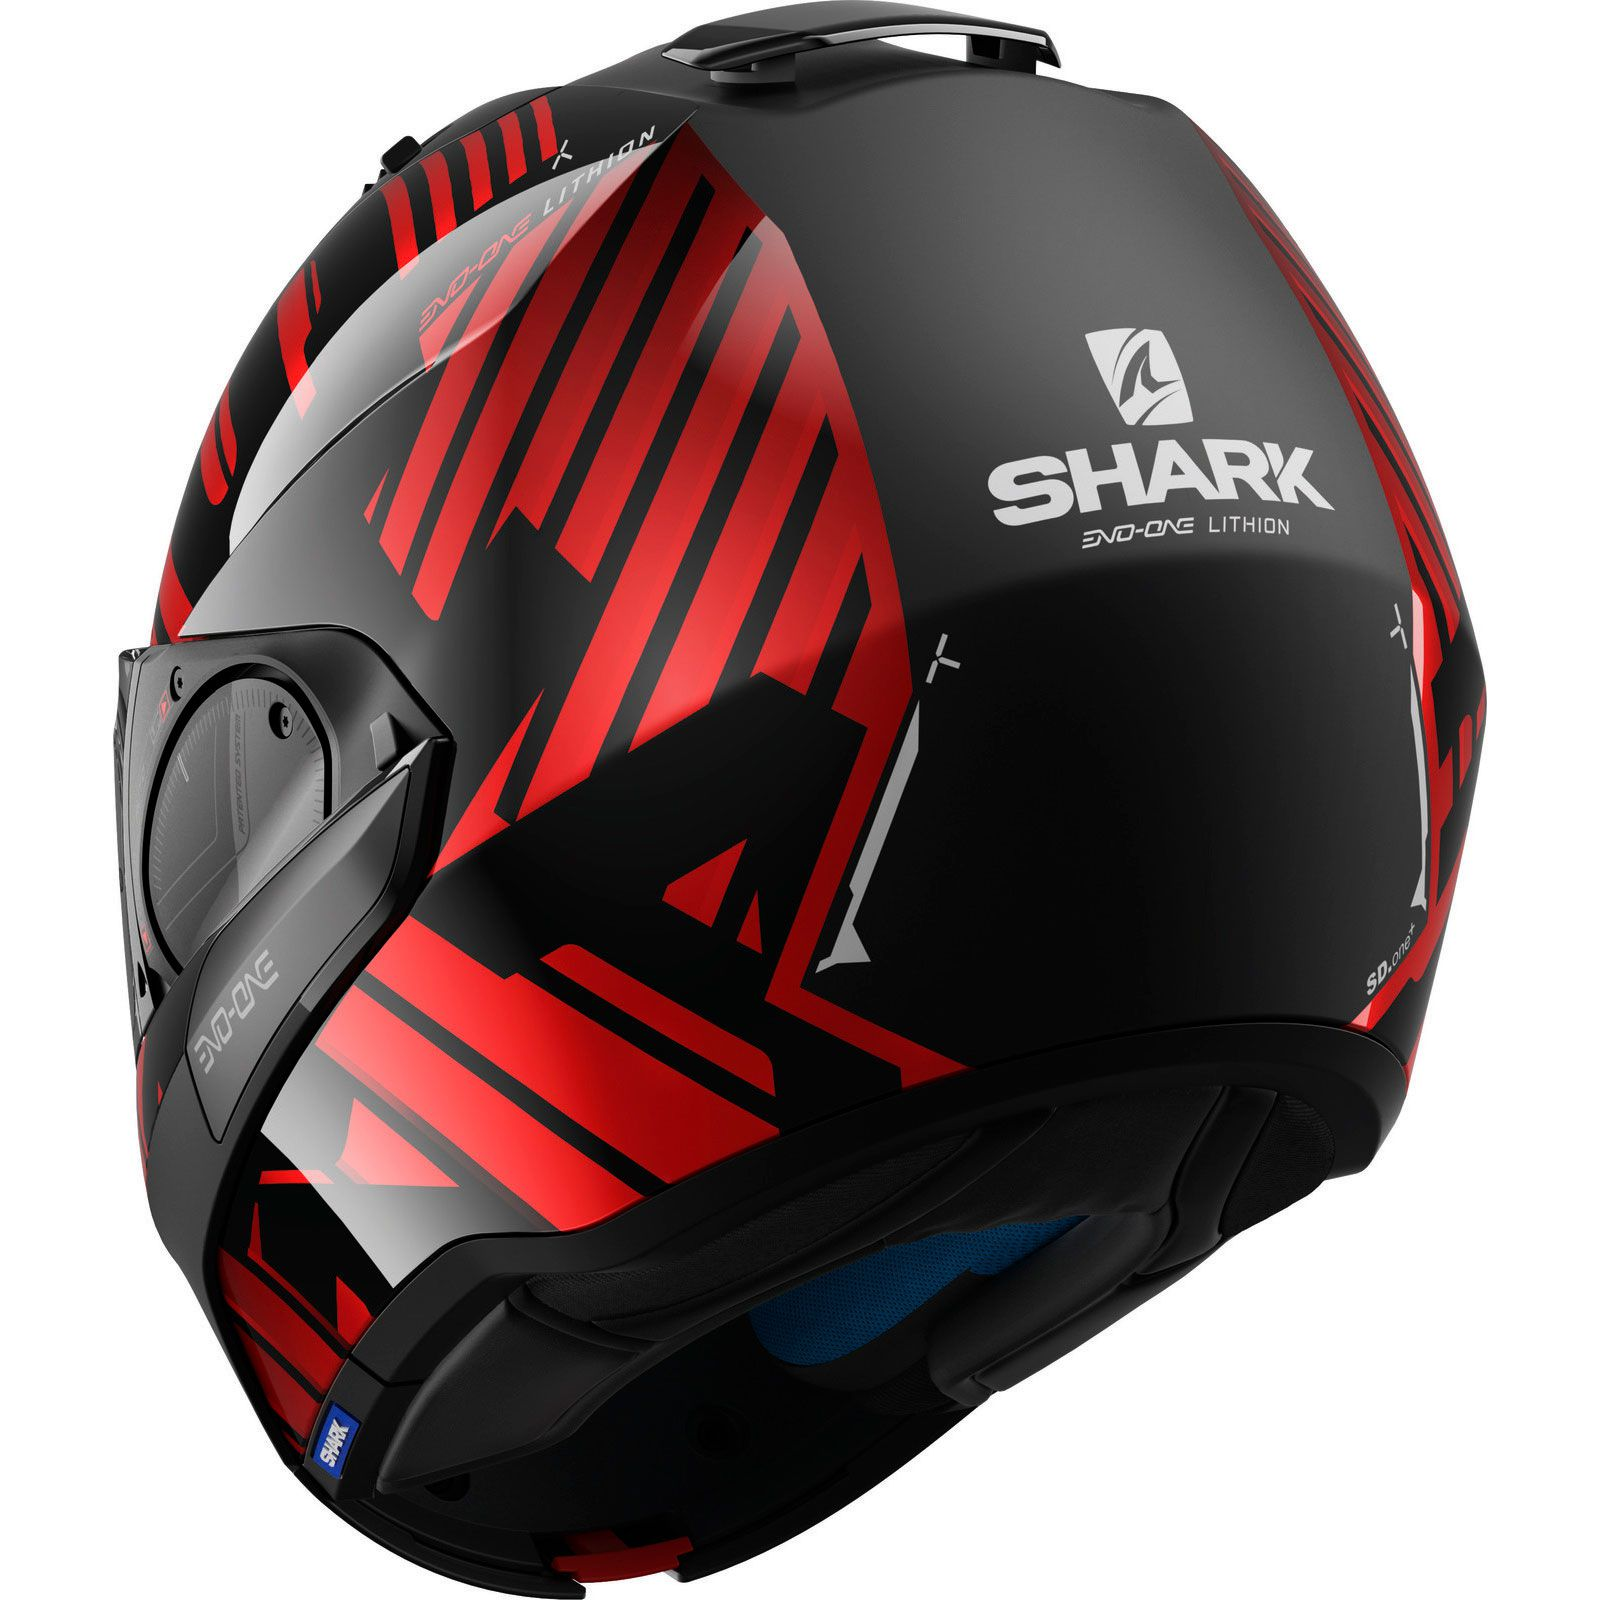 Capacete Shark Evo ONE V2 Lithion KUR Escamoteável  - Planet Bike Shop Moto Acessórios